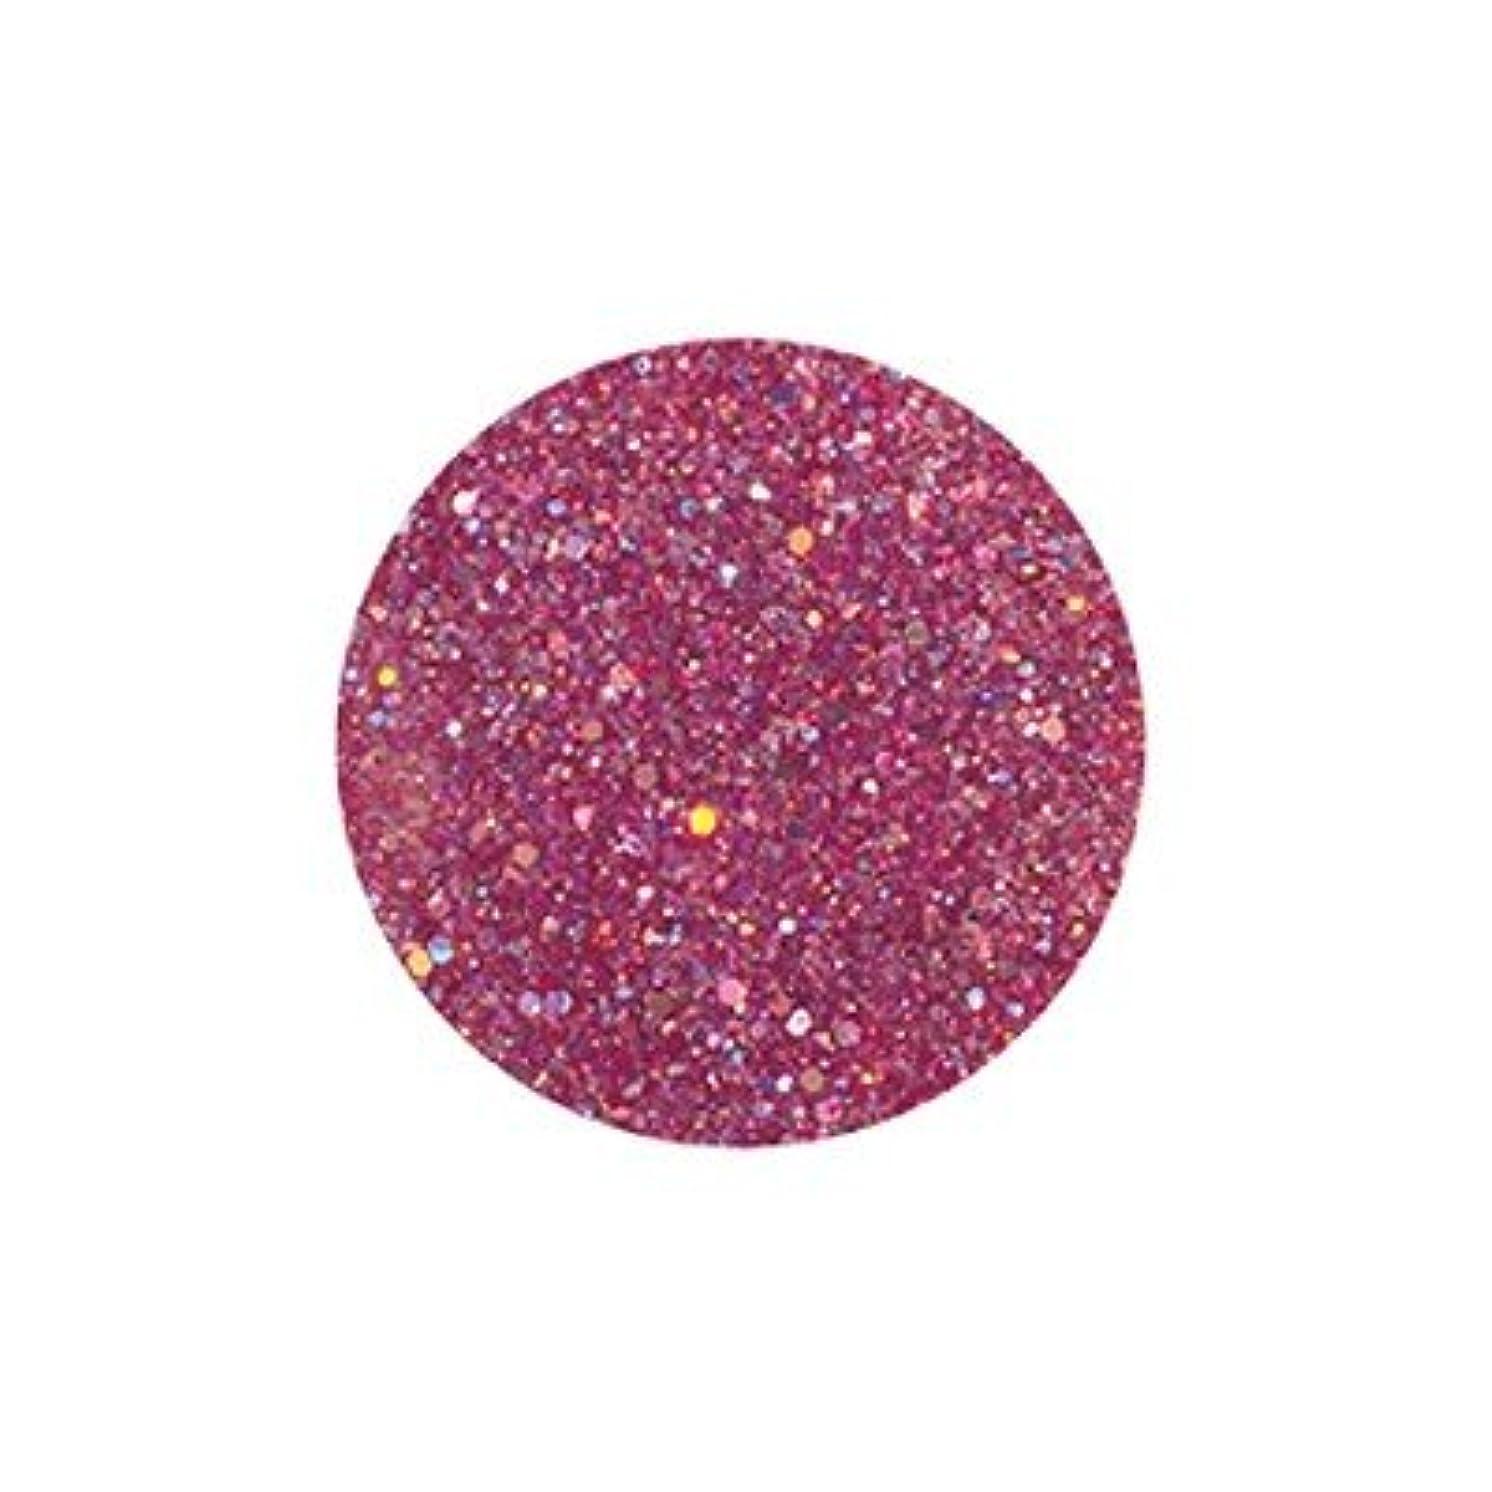 トリクル予算矩形FANTASY NAIL ダイヤモンドコレクション 3g 4259XS カラーパウダー アート材